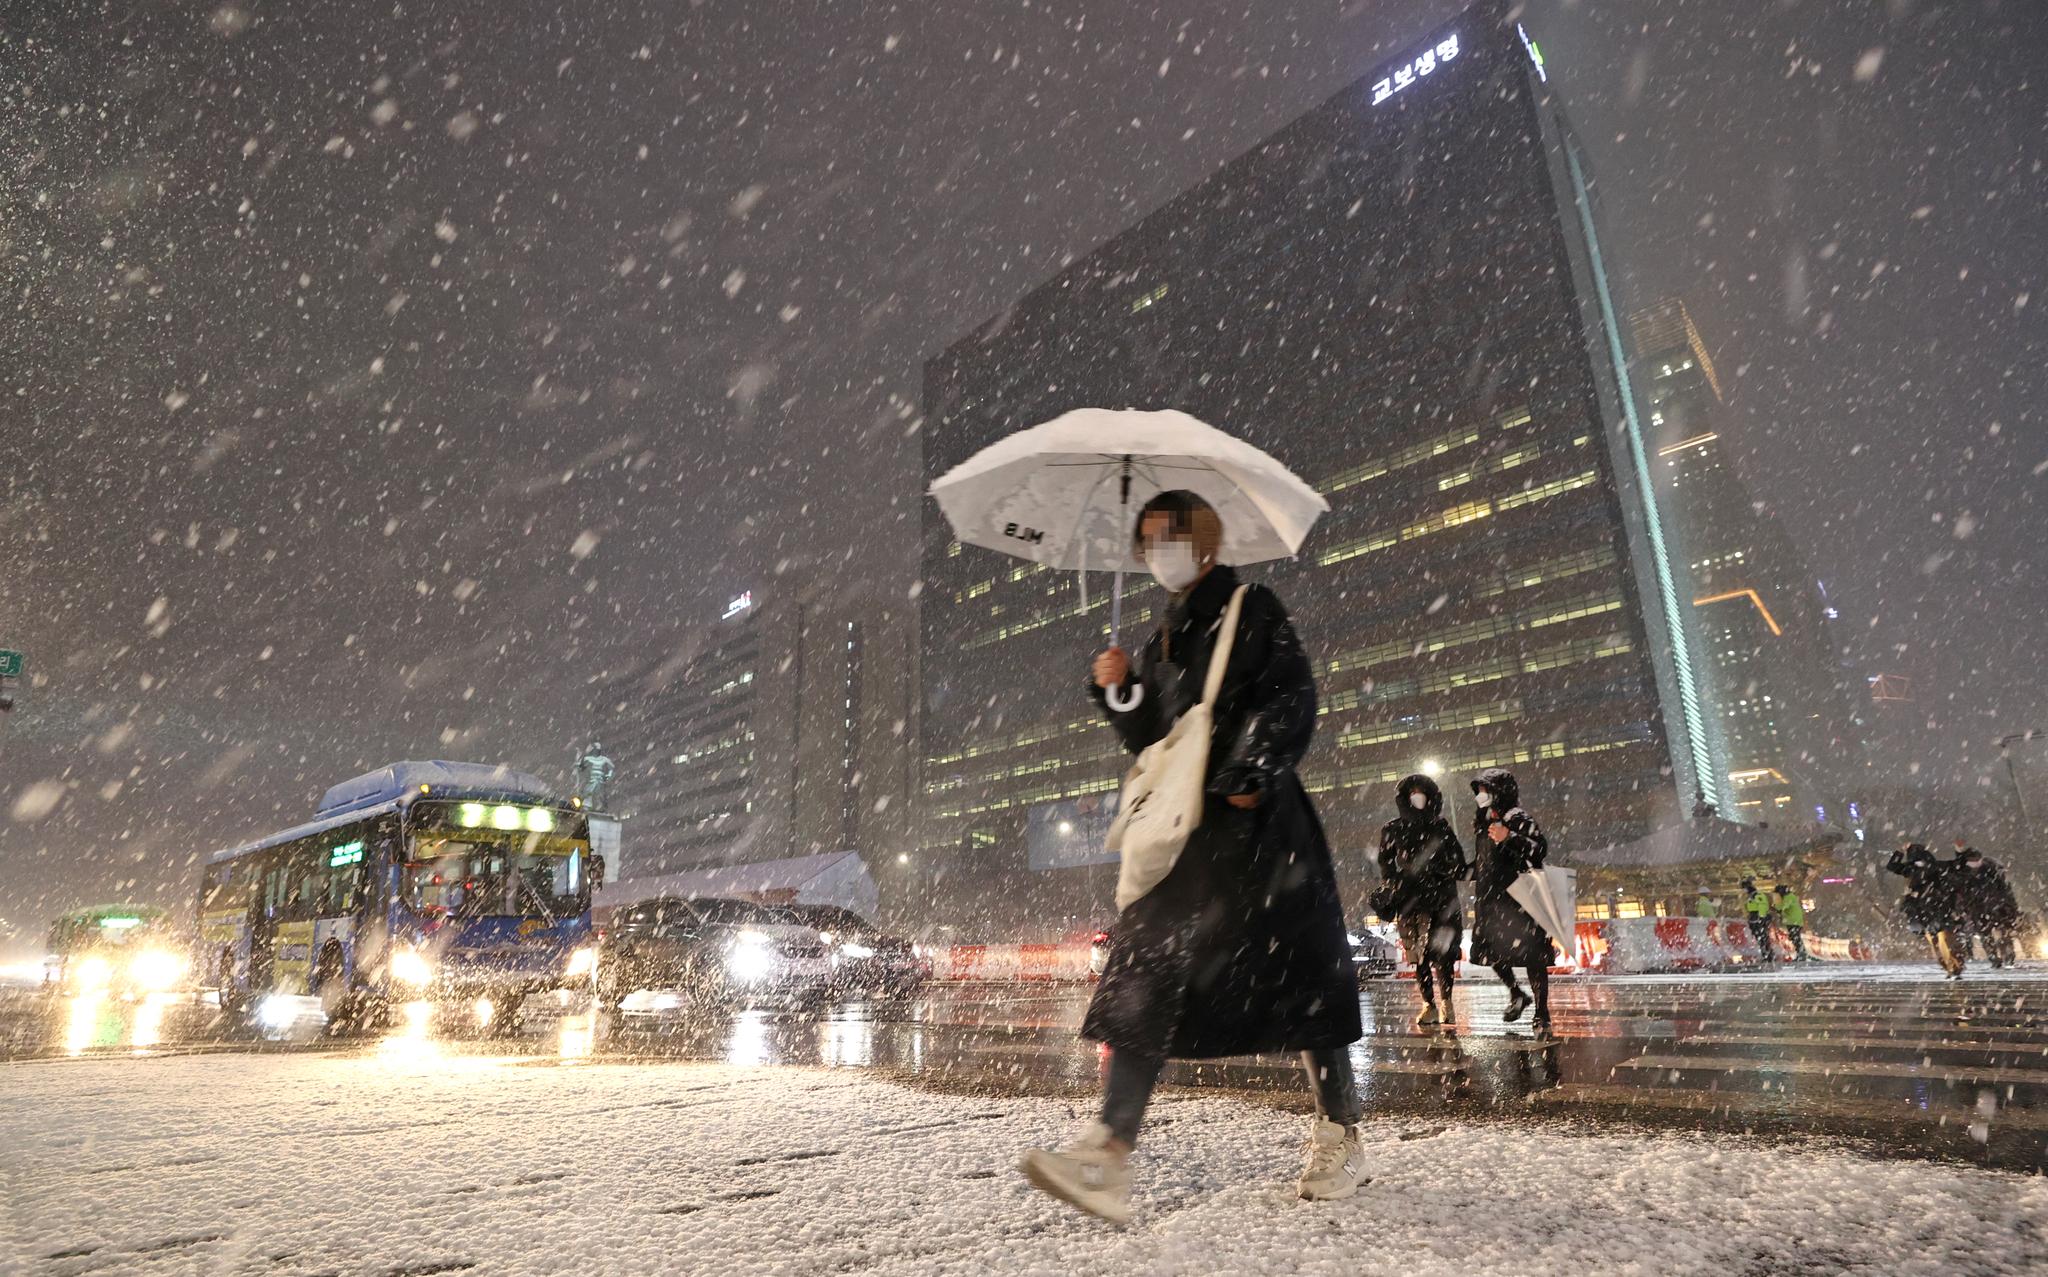 서울 전역에 대설주의보가 발효된 3일 오후 서울 광화문 광장에서 시민들이 눈을 맞으며 걸어가고 있다. 연합뉴스